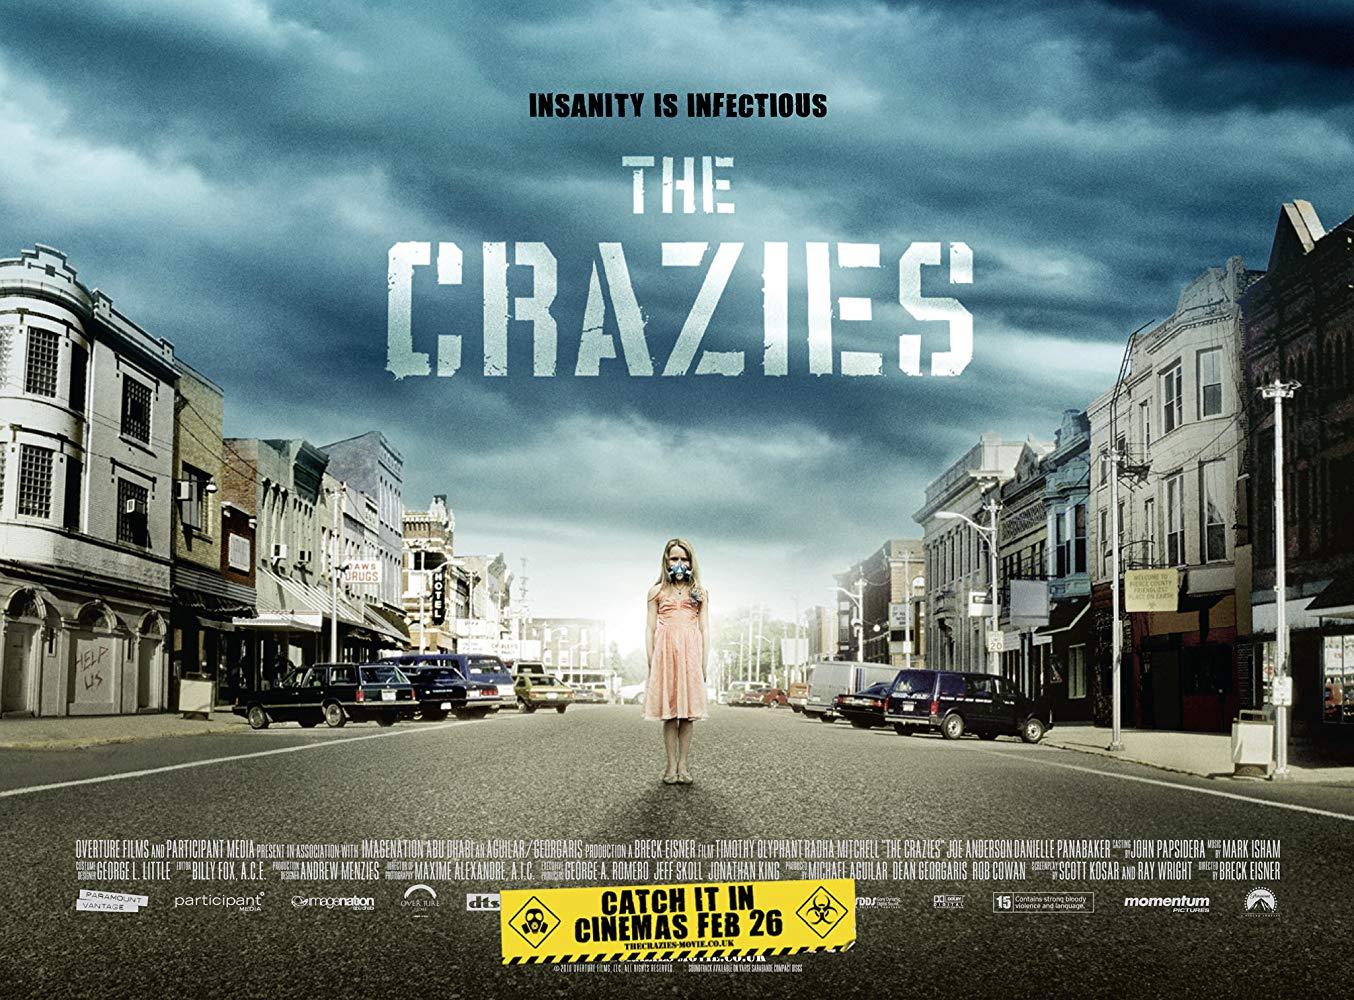 Crazies_Quad_v03F.indd